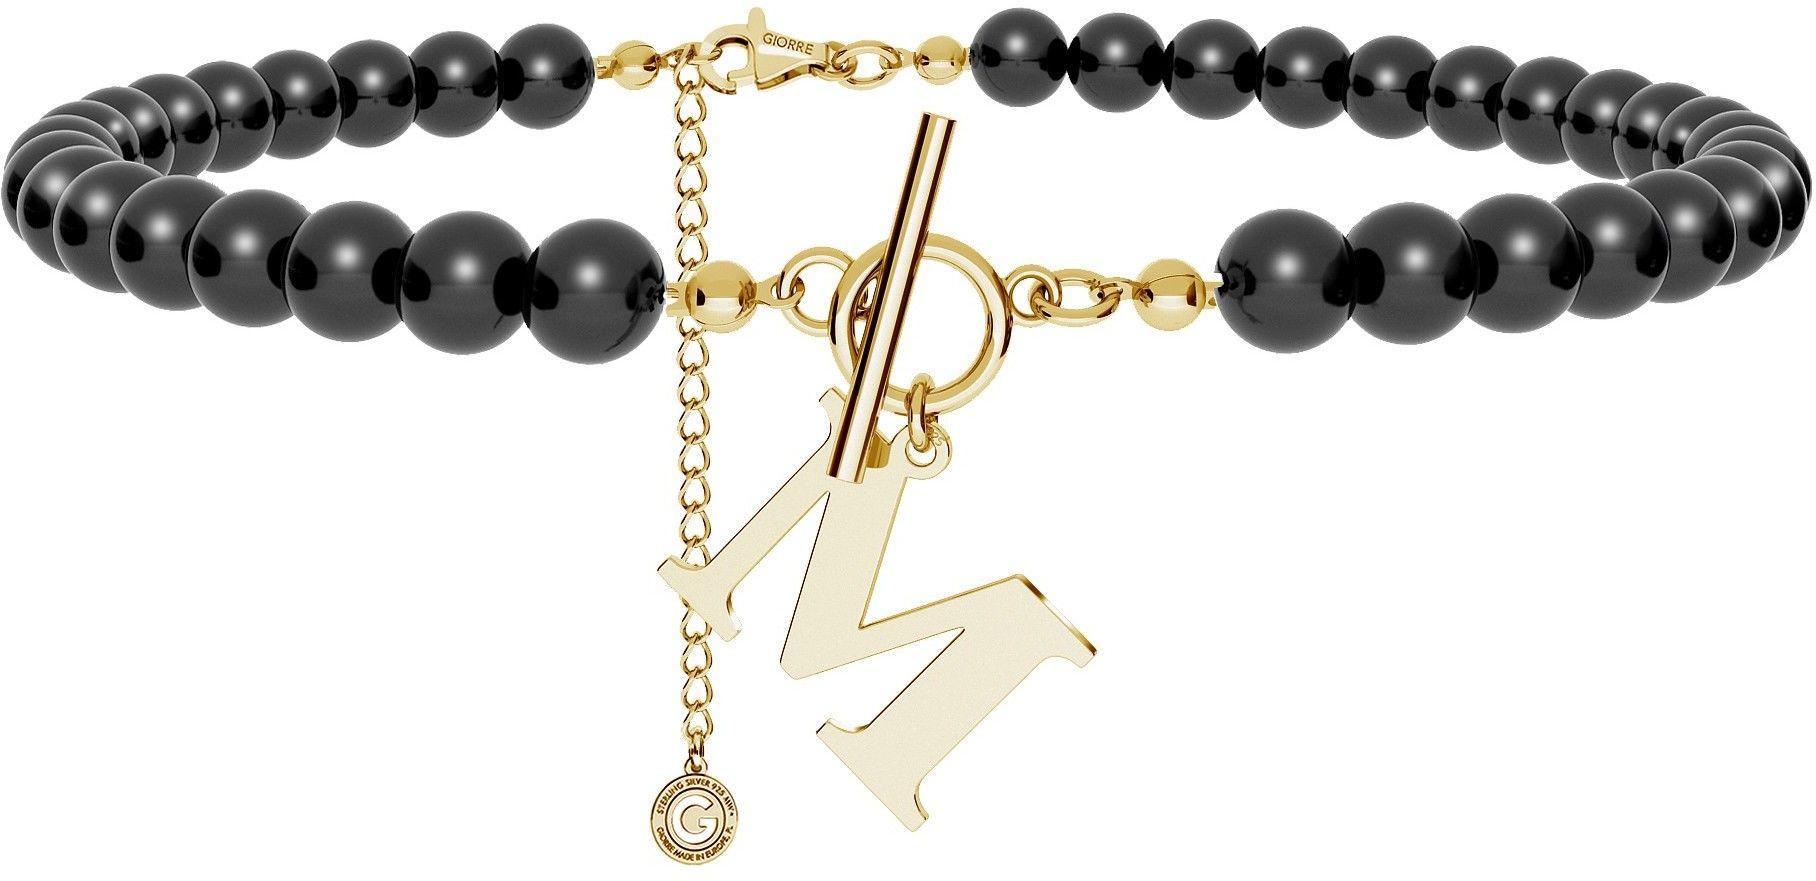 Czarny perłowy choker z dowolną literą, Swarovski, srebro 925 : Litera - R, Srebro - kolor pokrycia - Pokrycie żółtym 18K złotem